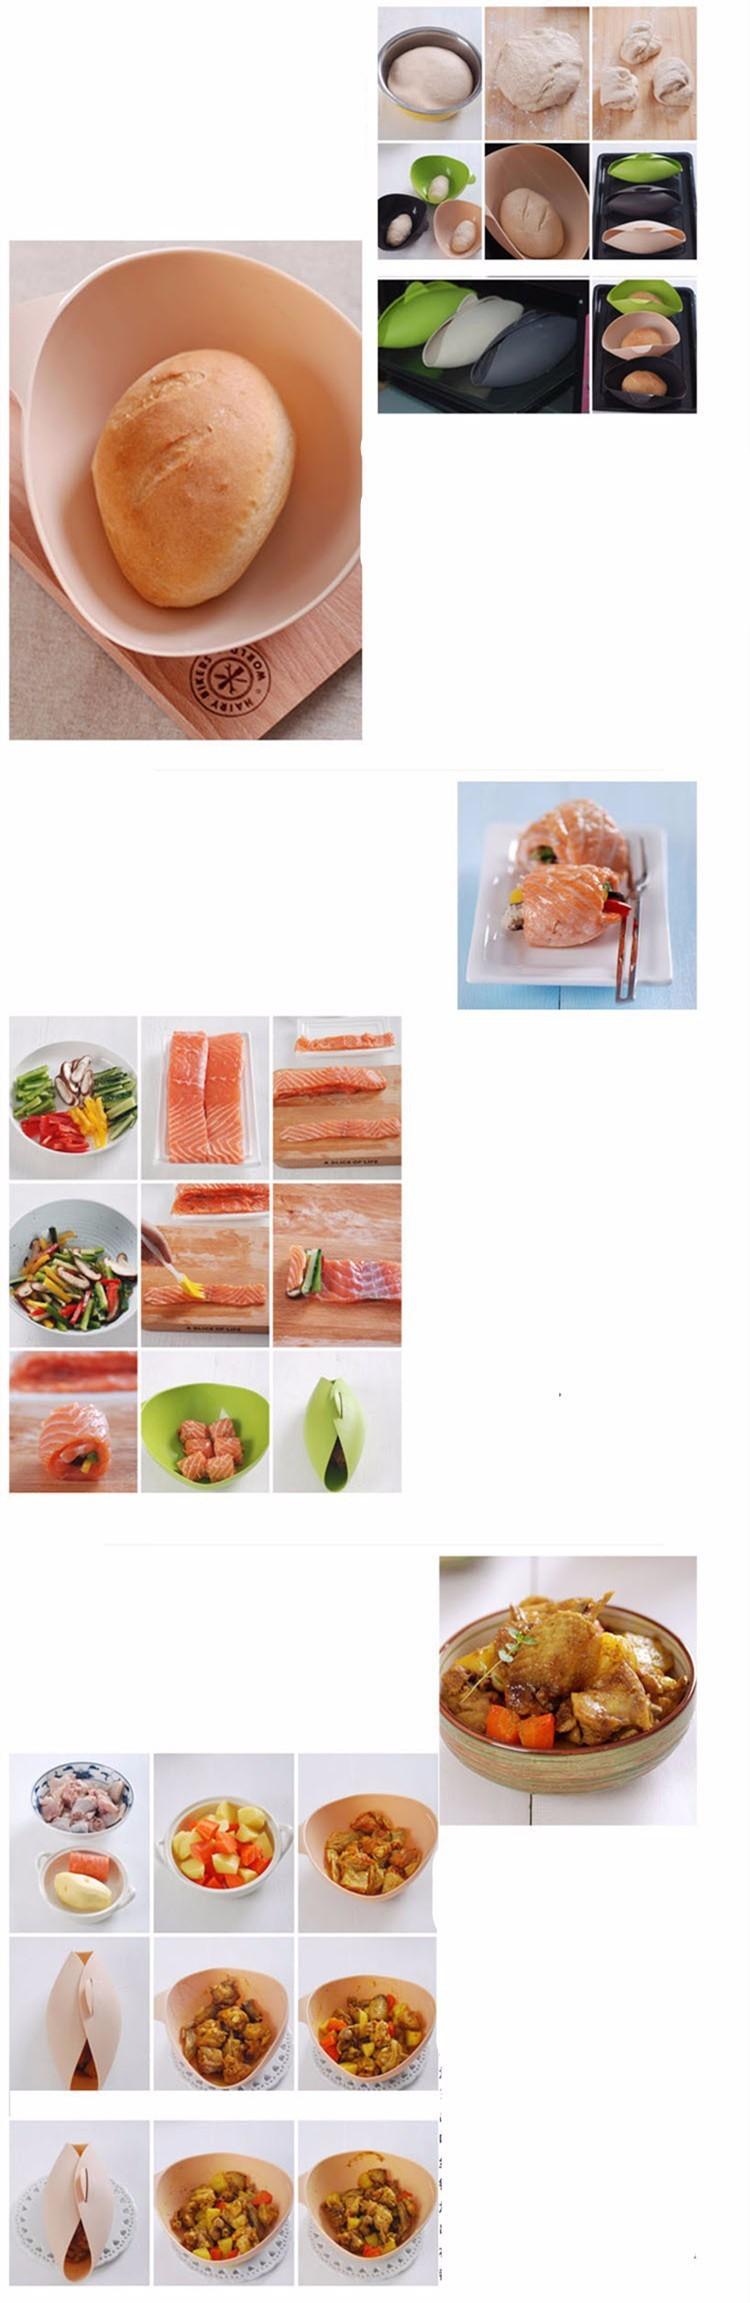 инструмент для приготовления пищи чаша корзина фото